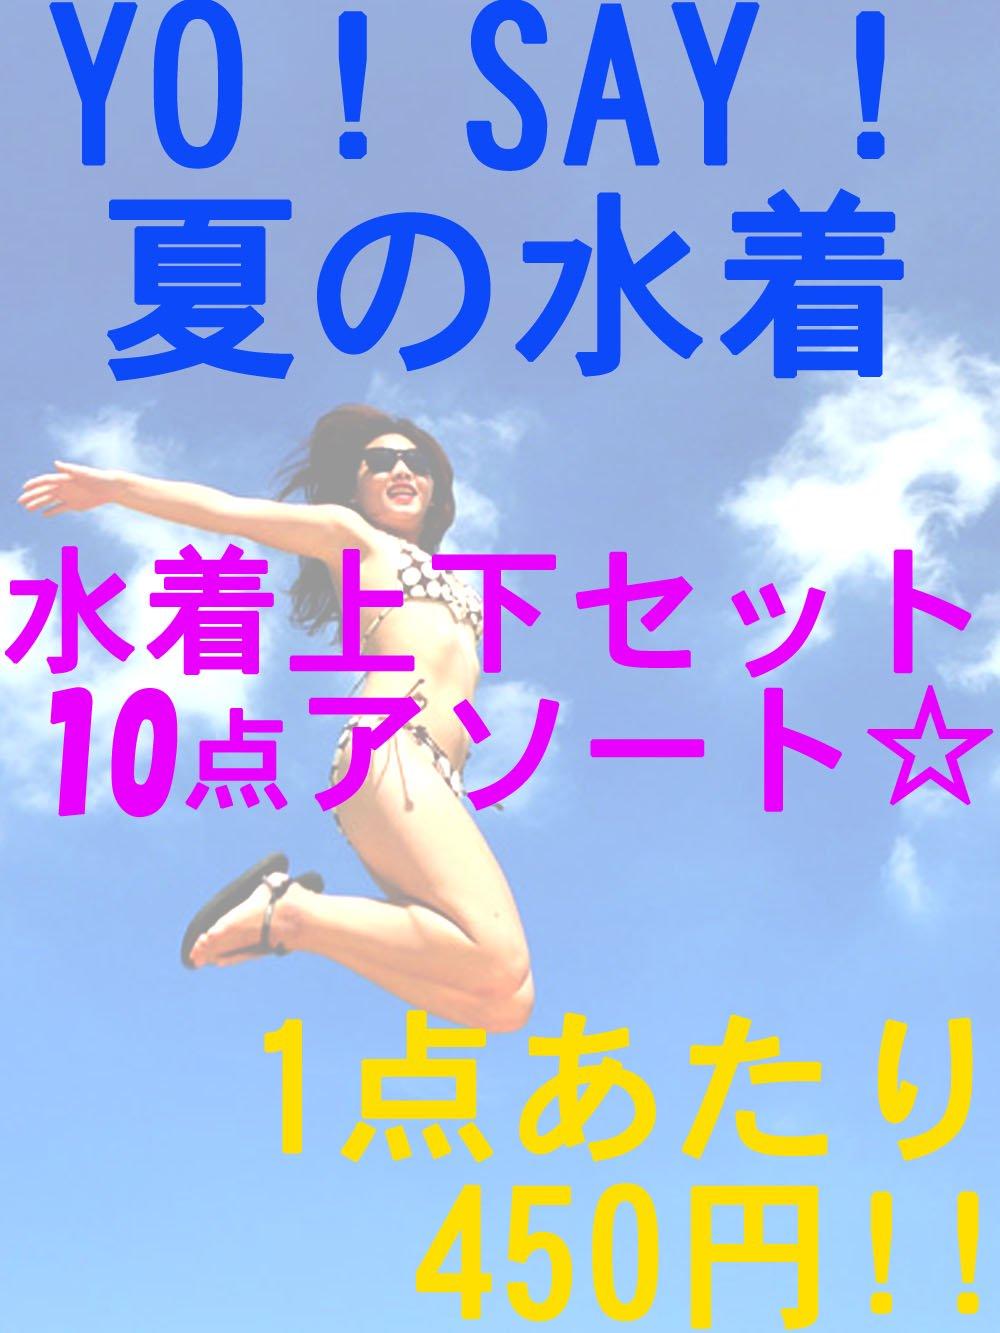 【 YO!SAY!夏の水着仕入れ! 】 水着上下セット アソート☆【10点】@450